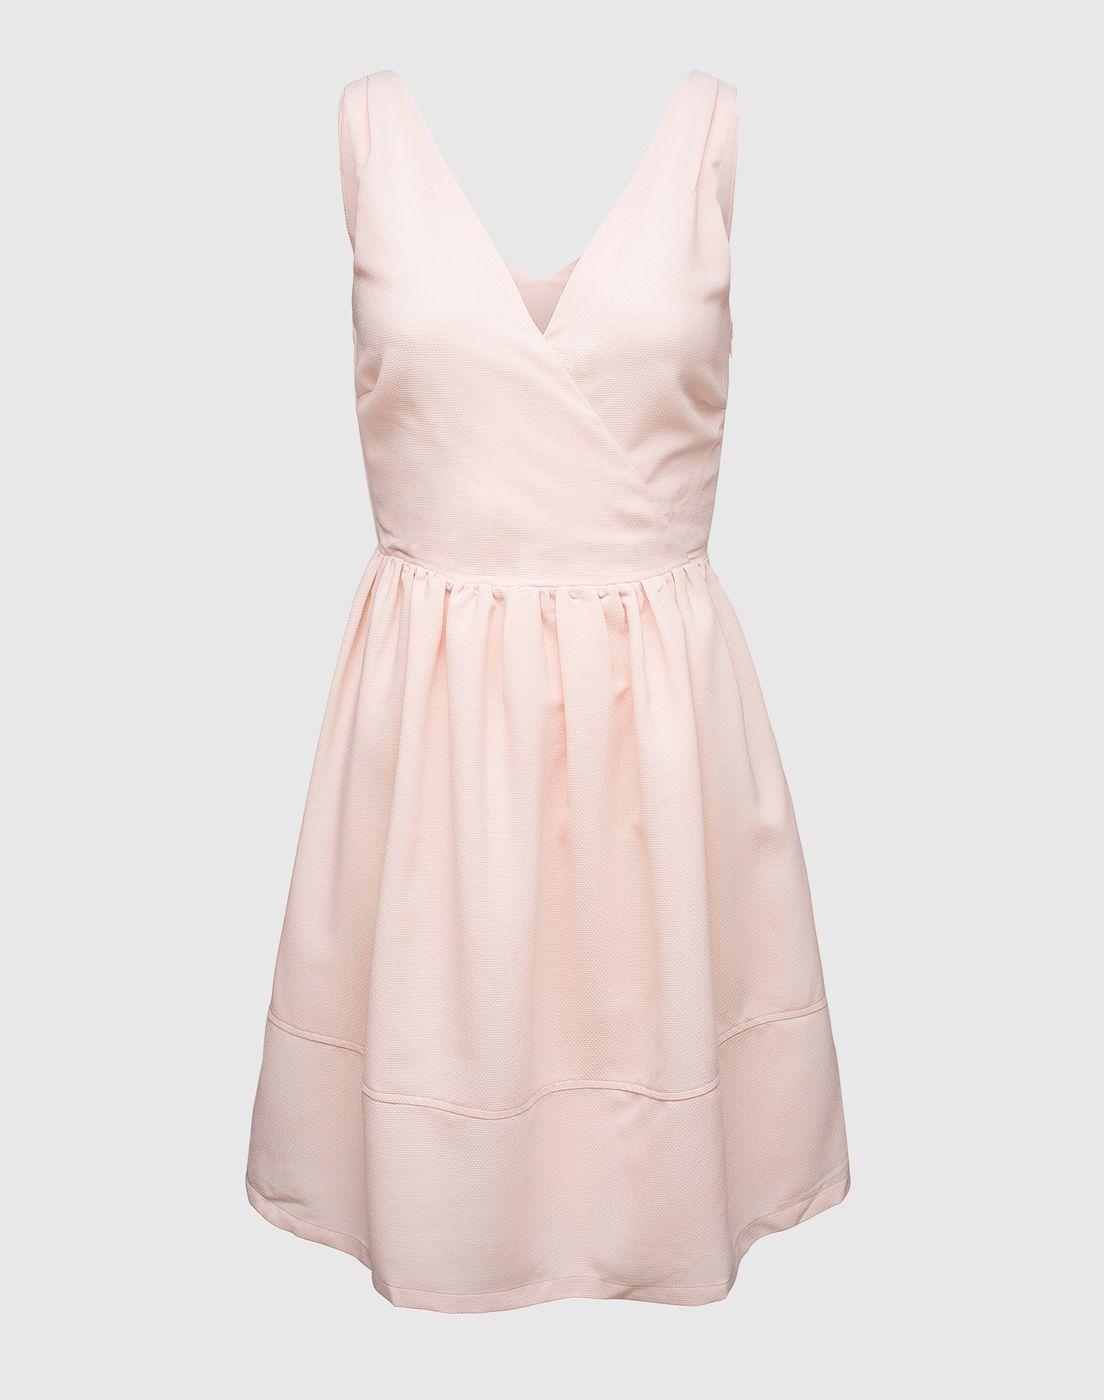 13ies Dress